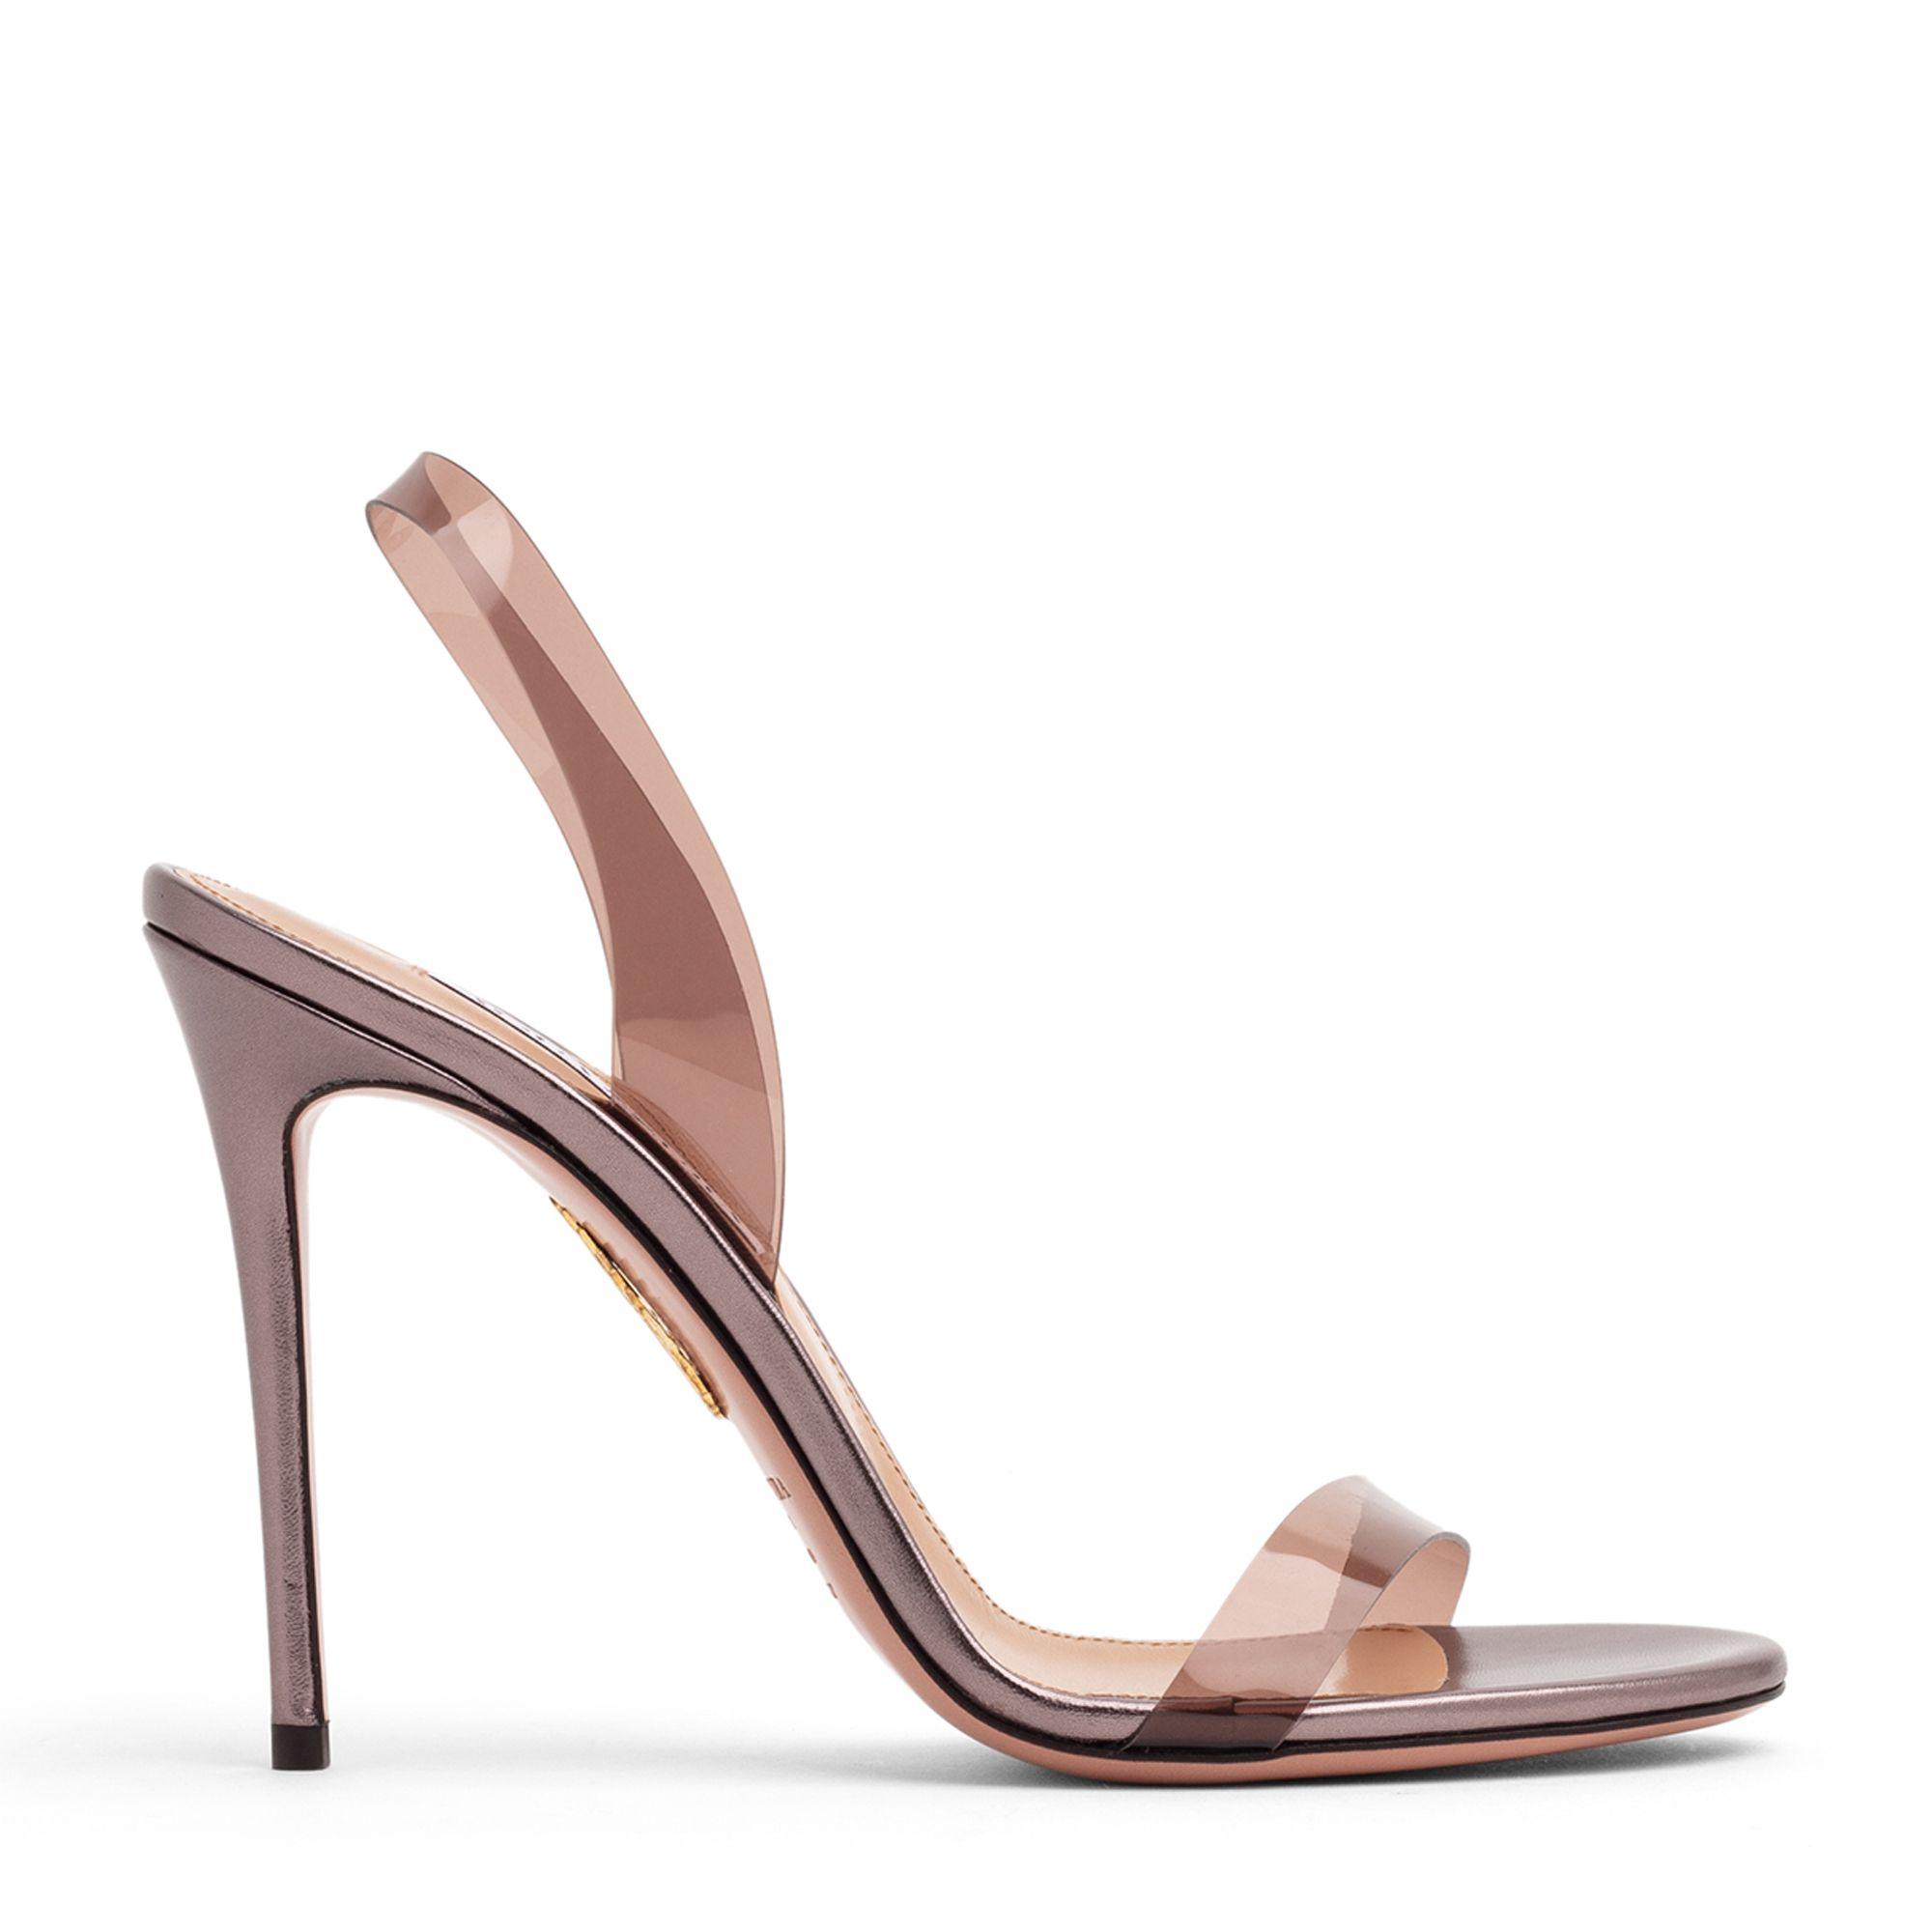 So Nude Plexi sandals